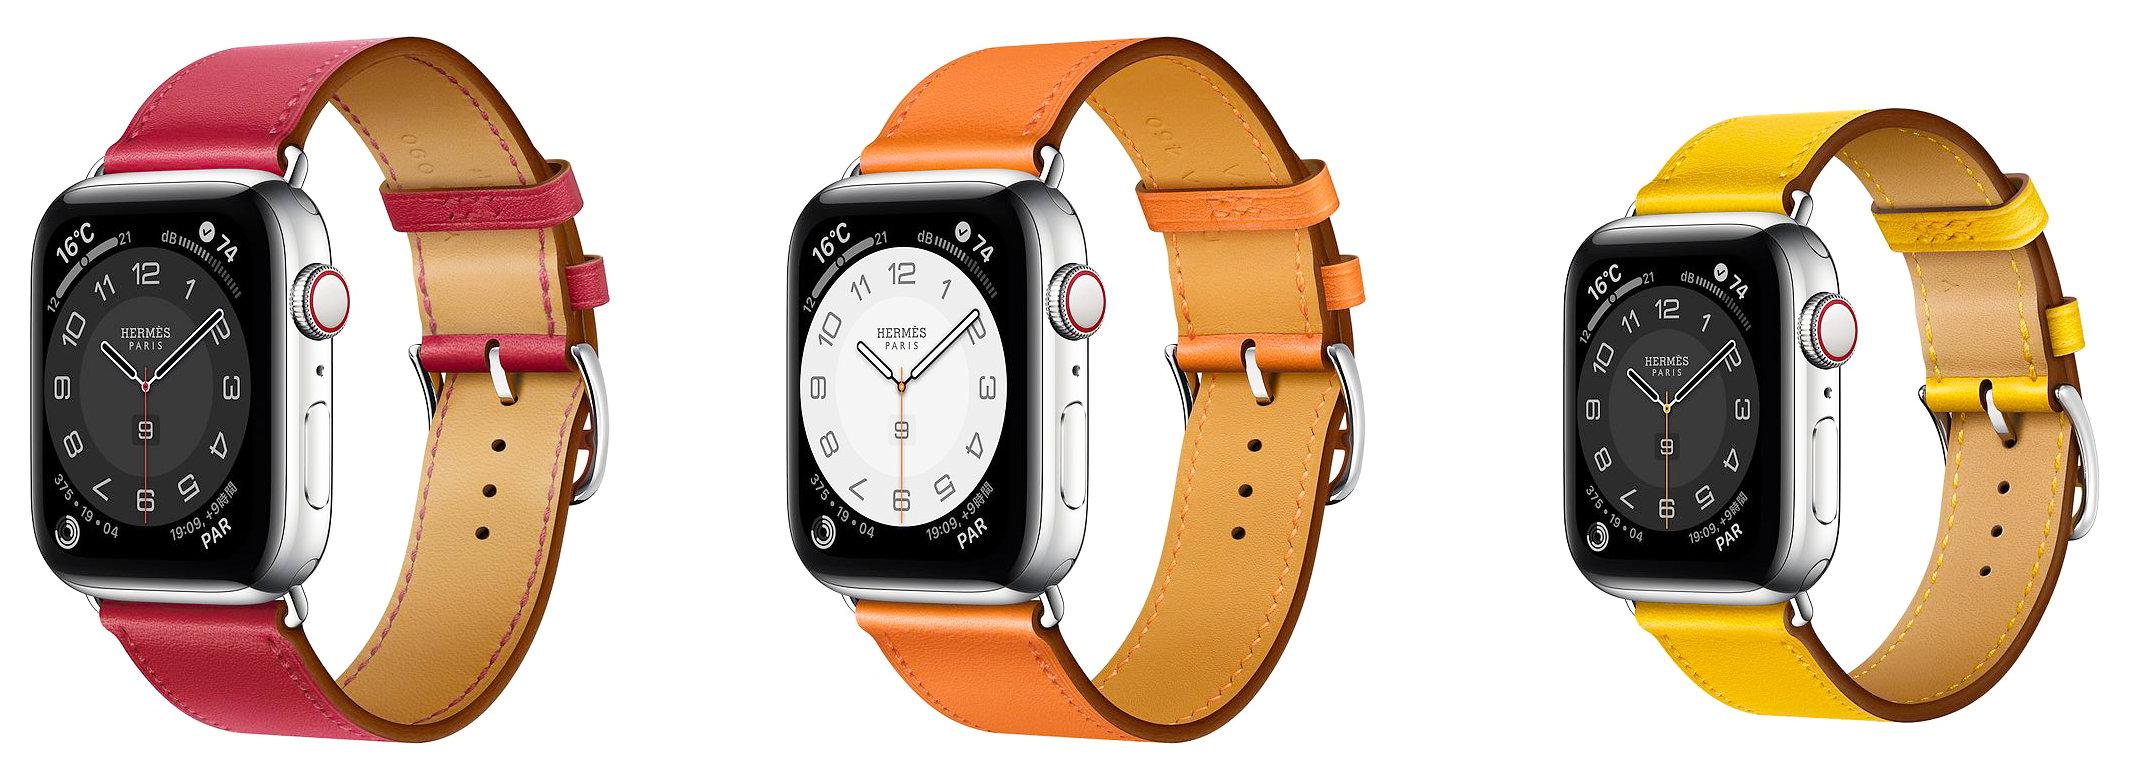 Apple Watch Series 6 HERMES